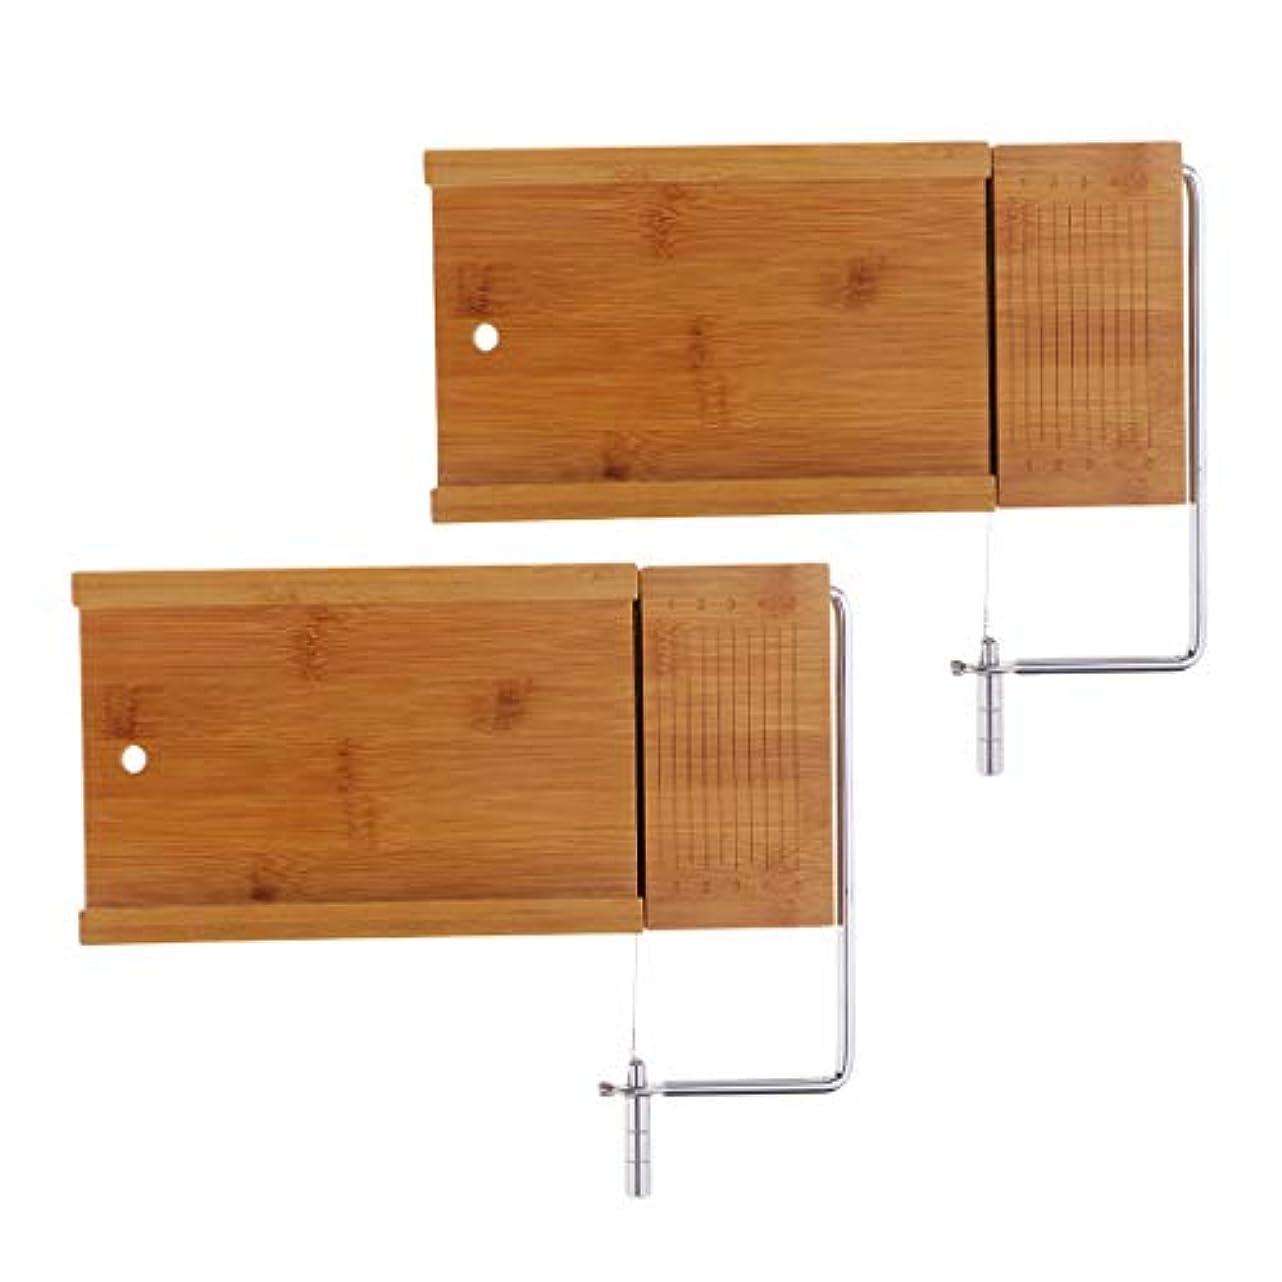 予約高価な南西石鹸のカッター 木質 ソープ切削工具 せっけんスライサー ワイヤースライサー ステンレス鋼 2個セット